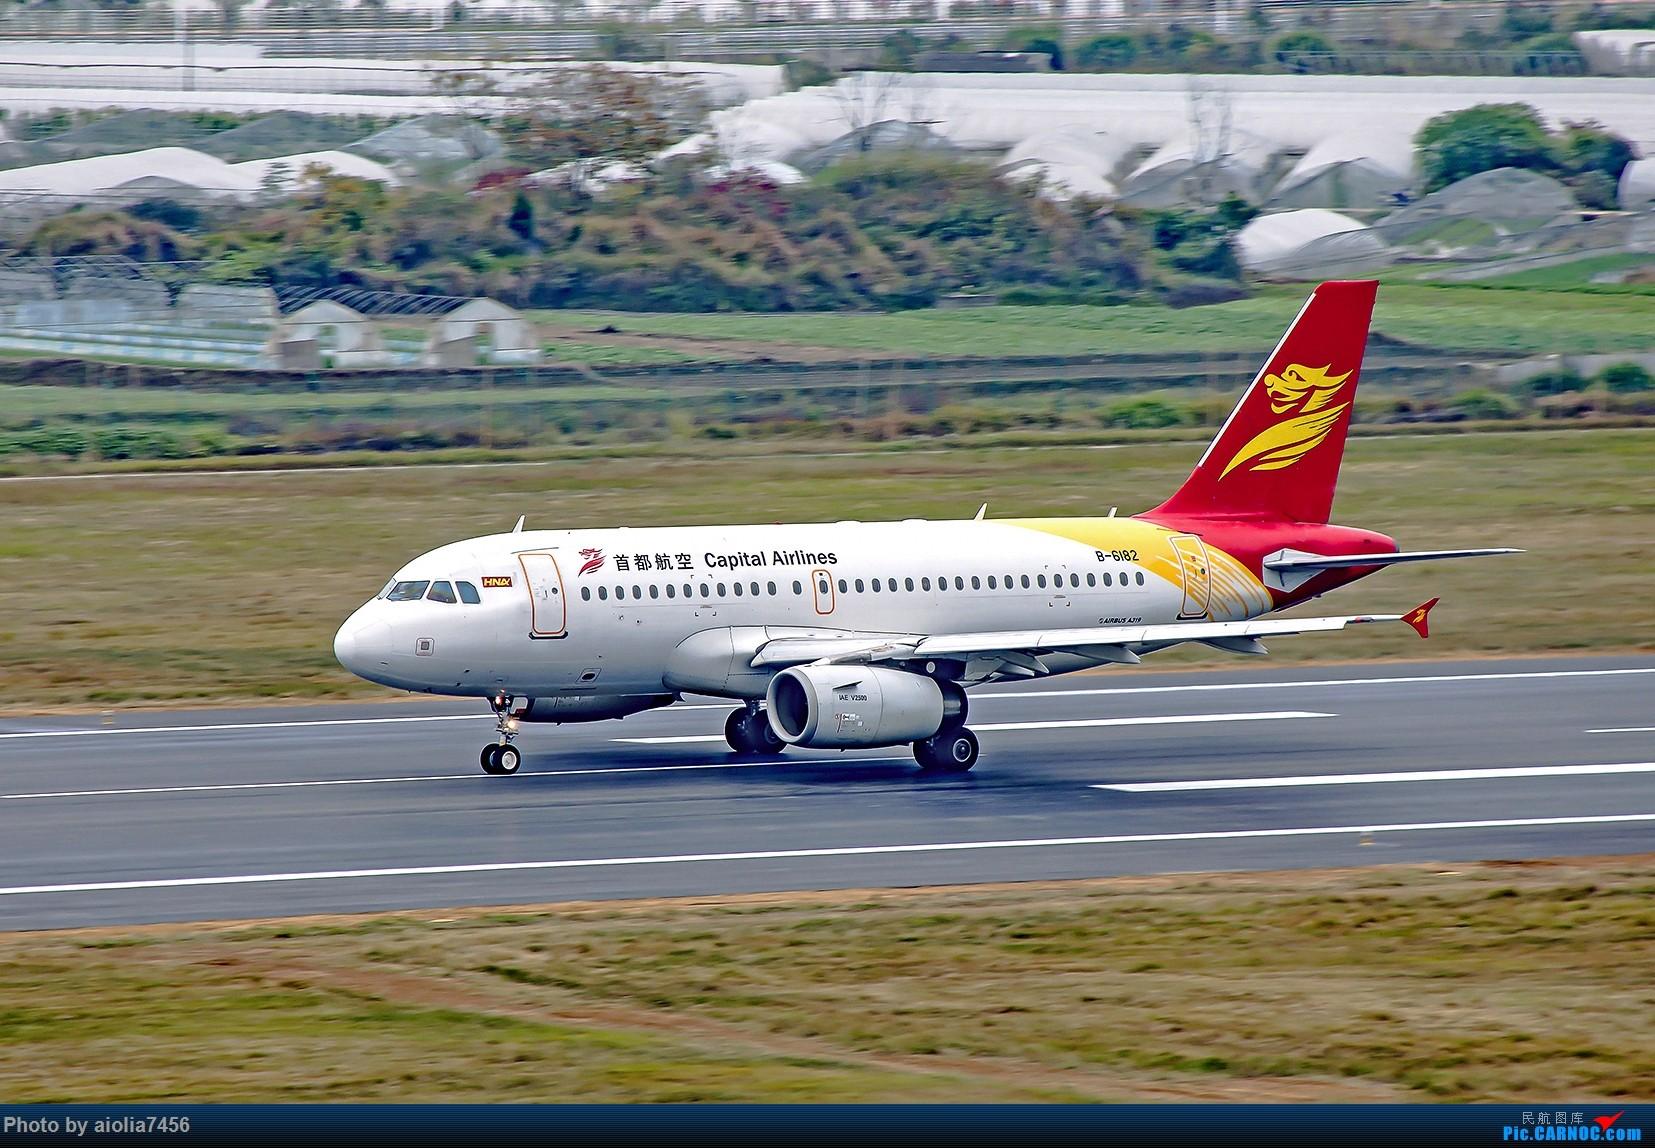 Re:[原创]【霸都打机队】换了机器后的第一帖-安徽小机场之旅 AIRBUS A319-100 B-6182 中国黄山屯溪国际机场